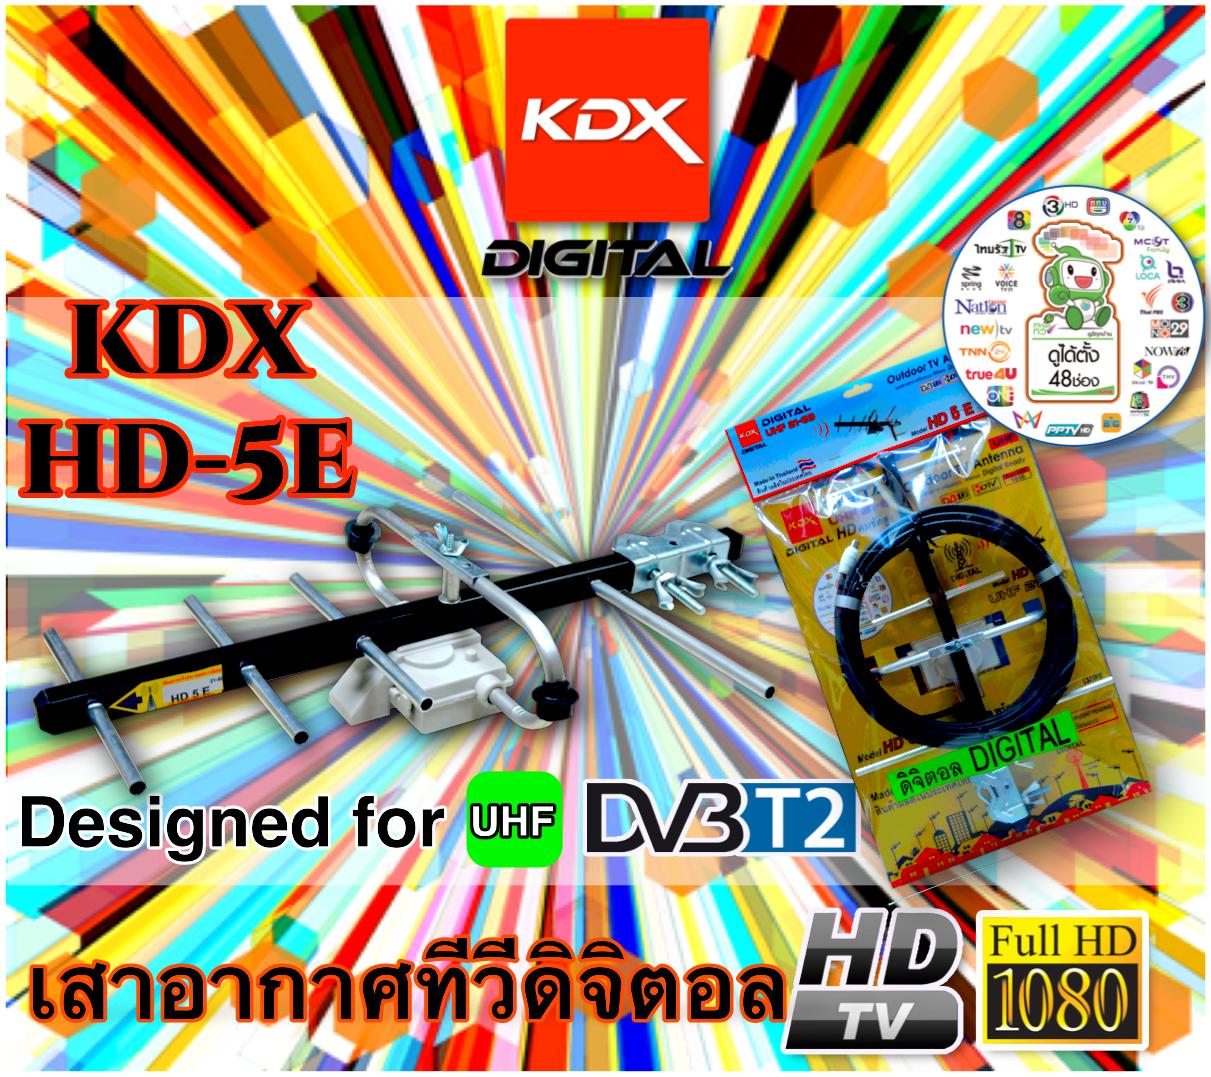 KDX HD-5E